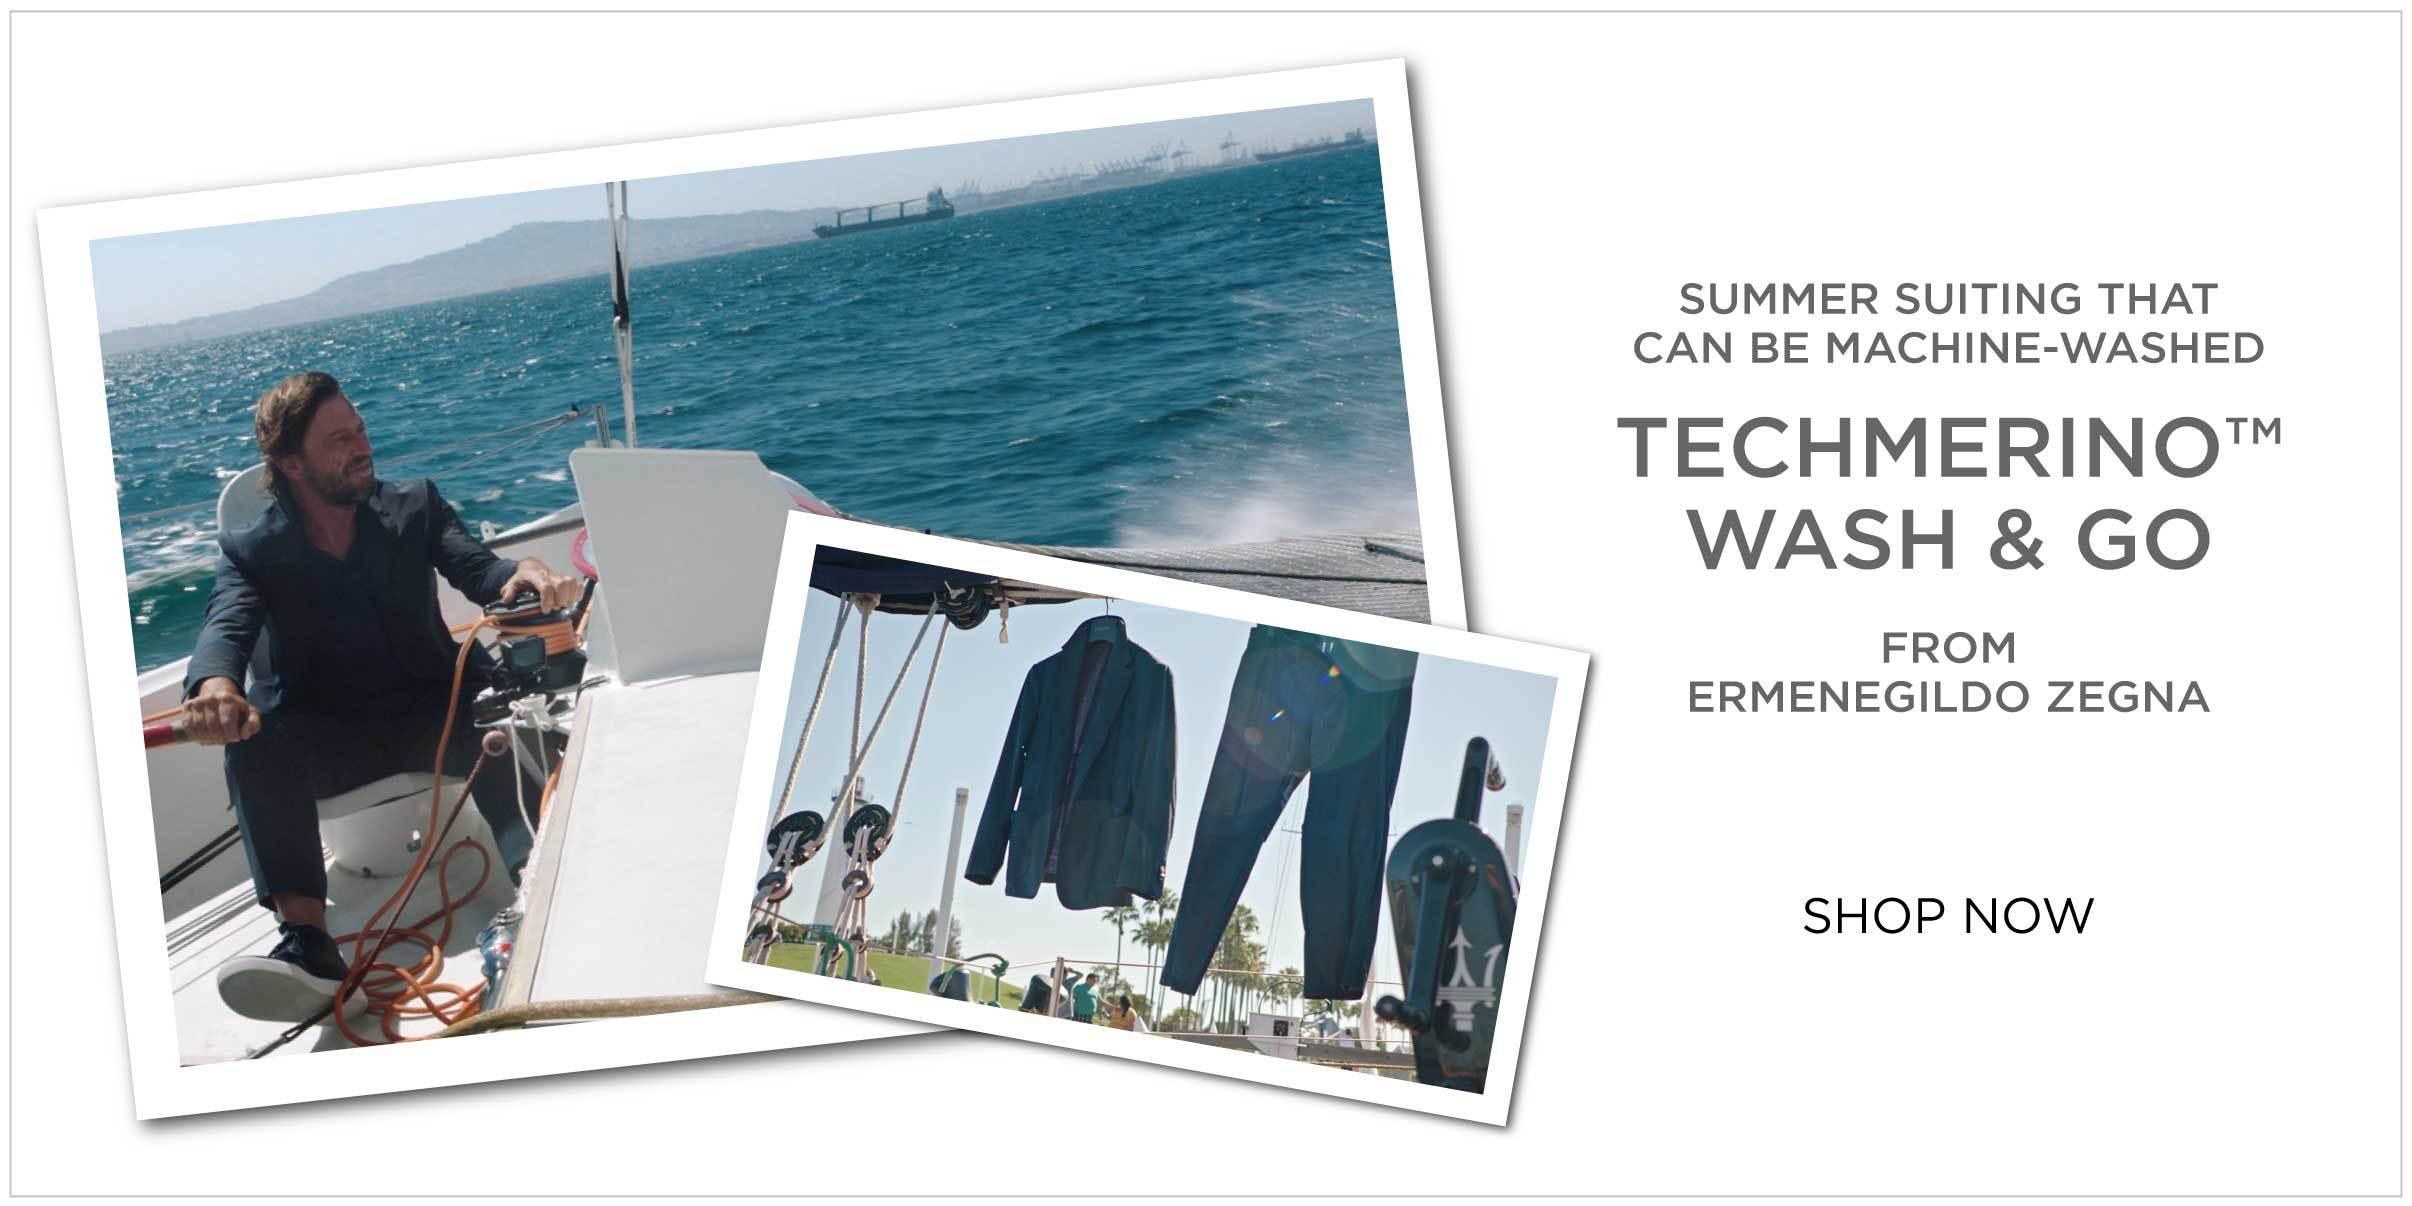 Ermenegildo Zegna Technomerino Wash and Go